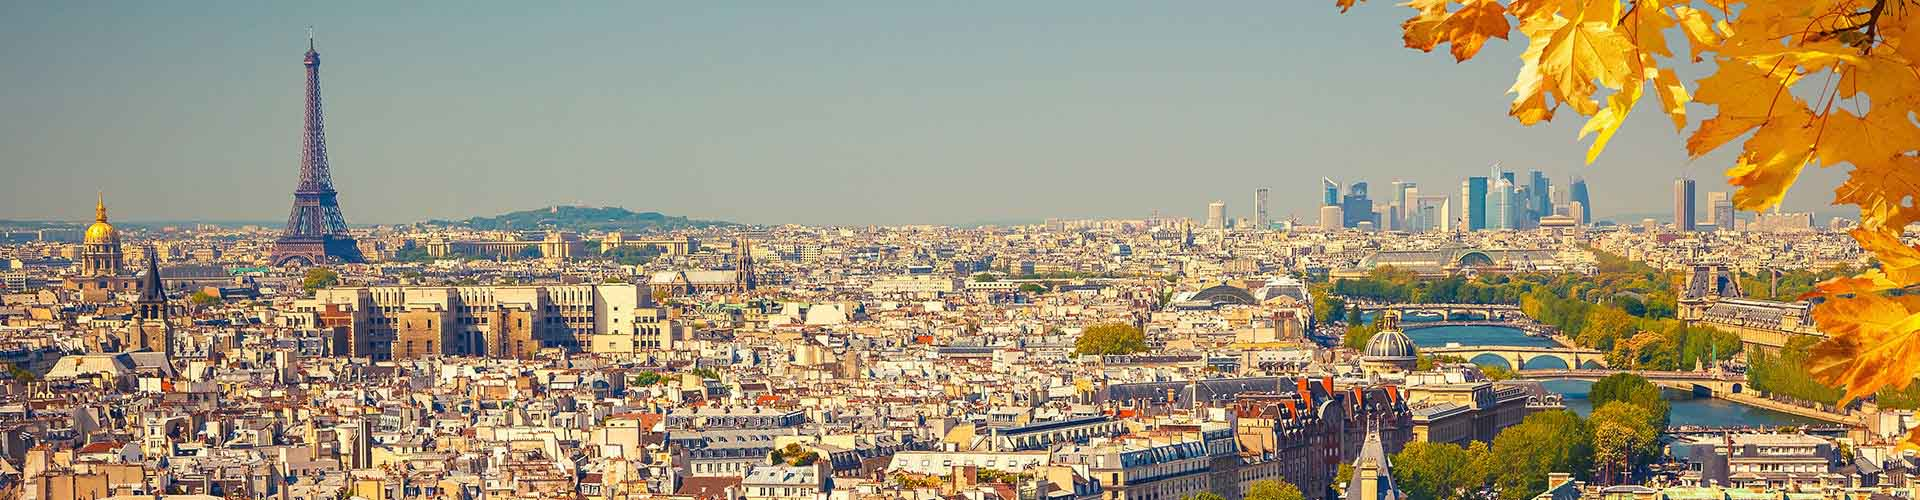 巴黎 – 20th District区的青年旅馆。巴黎 地图,巴黎 每间青年旅馆的照片和评分。